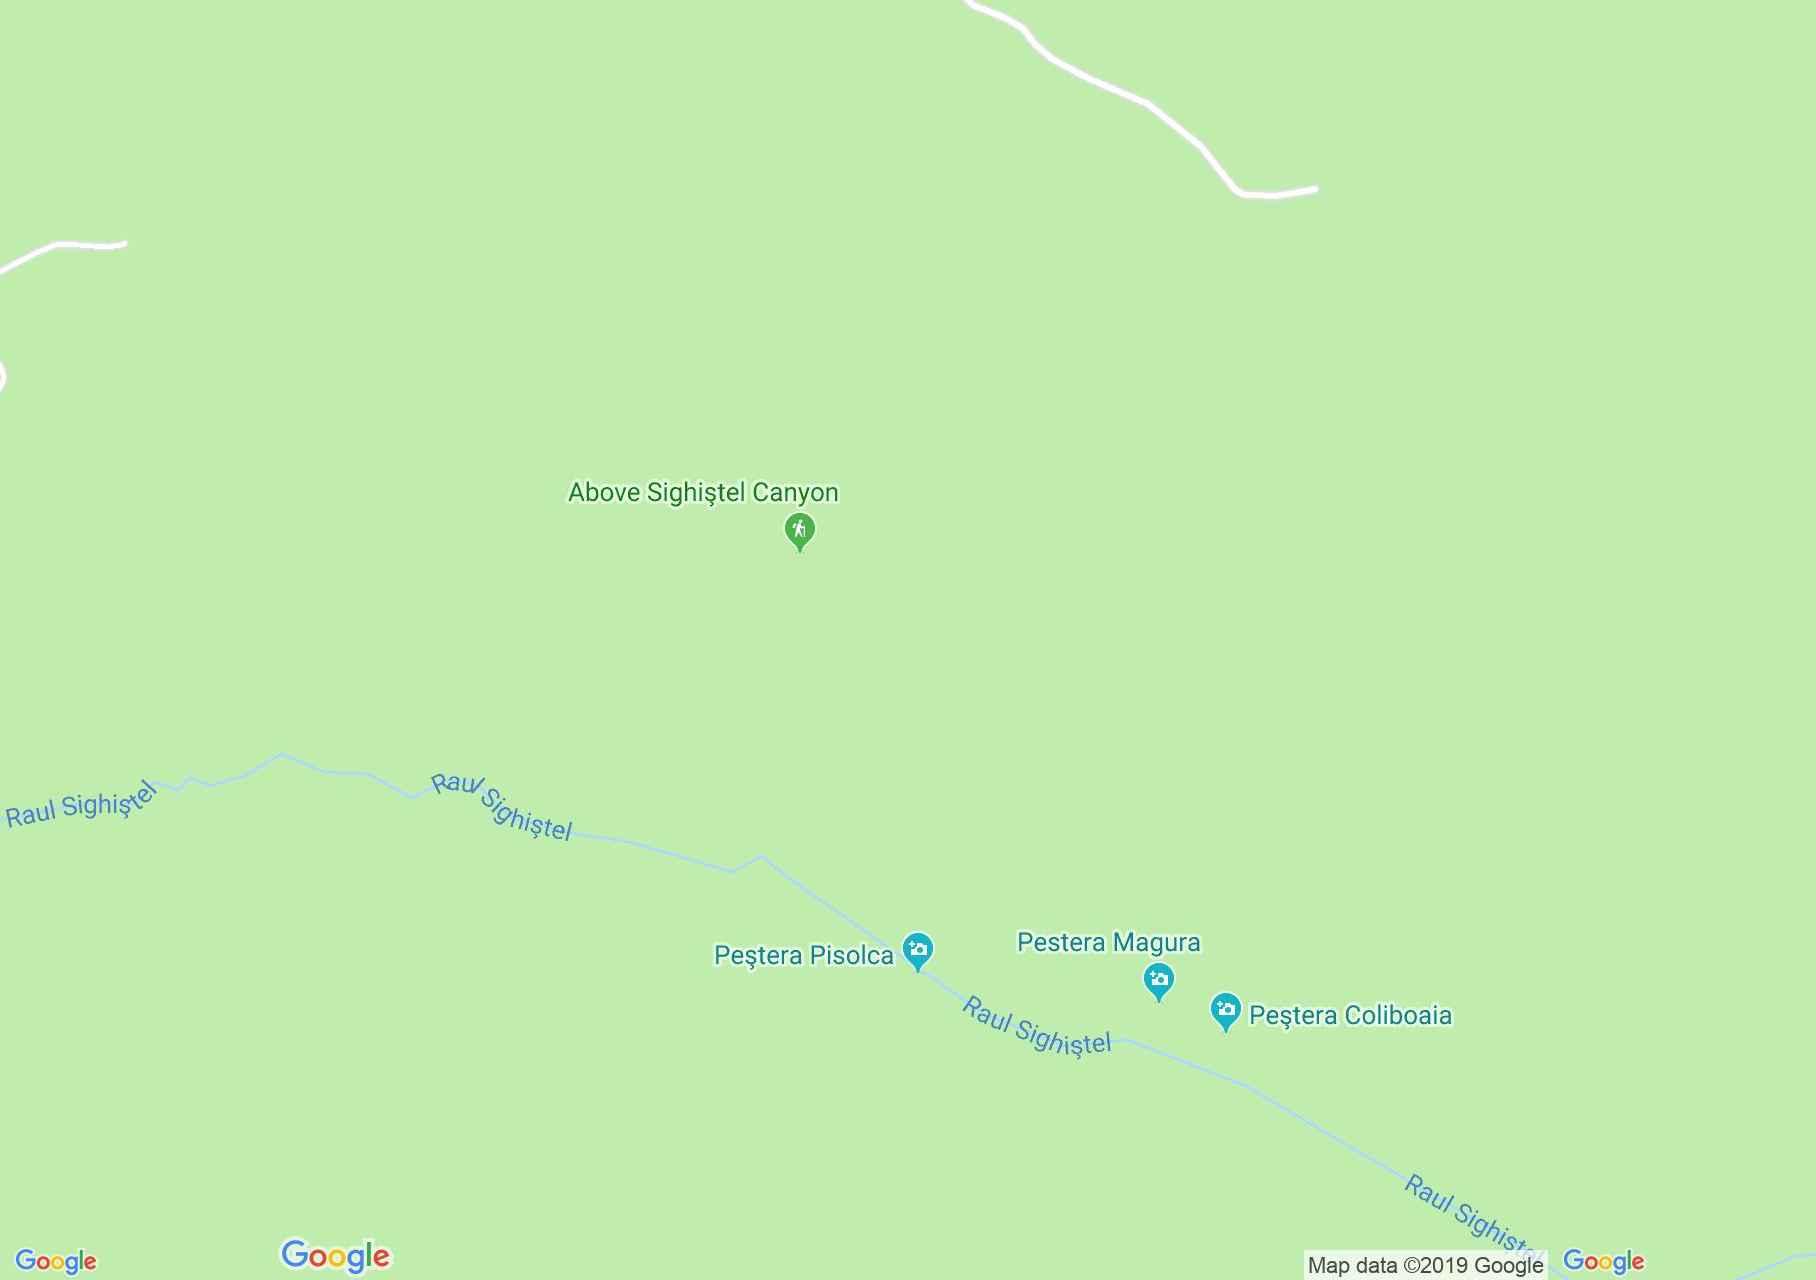 Szegyesd: Pisolka barlang (térkép)